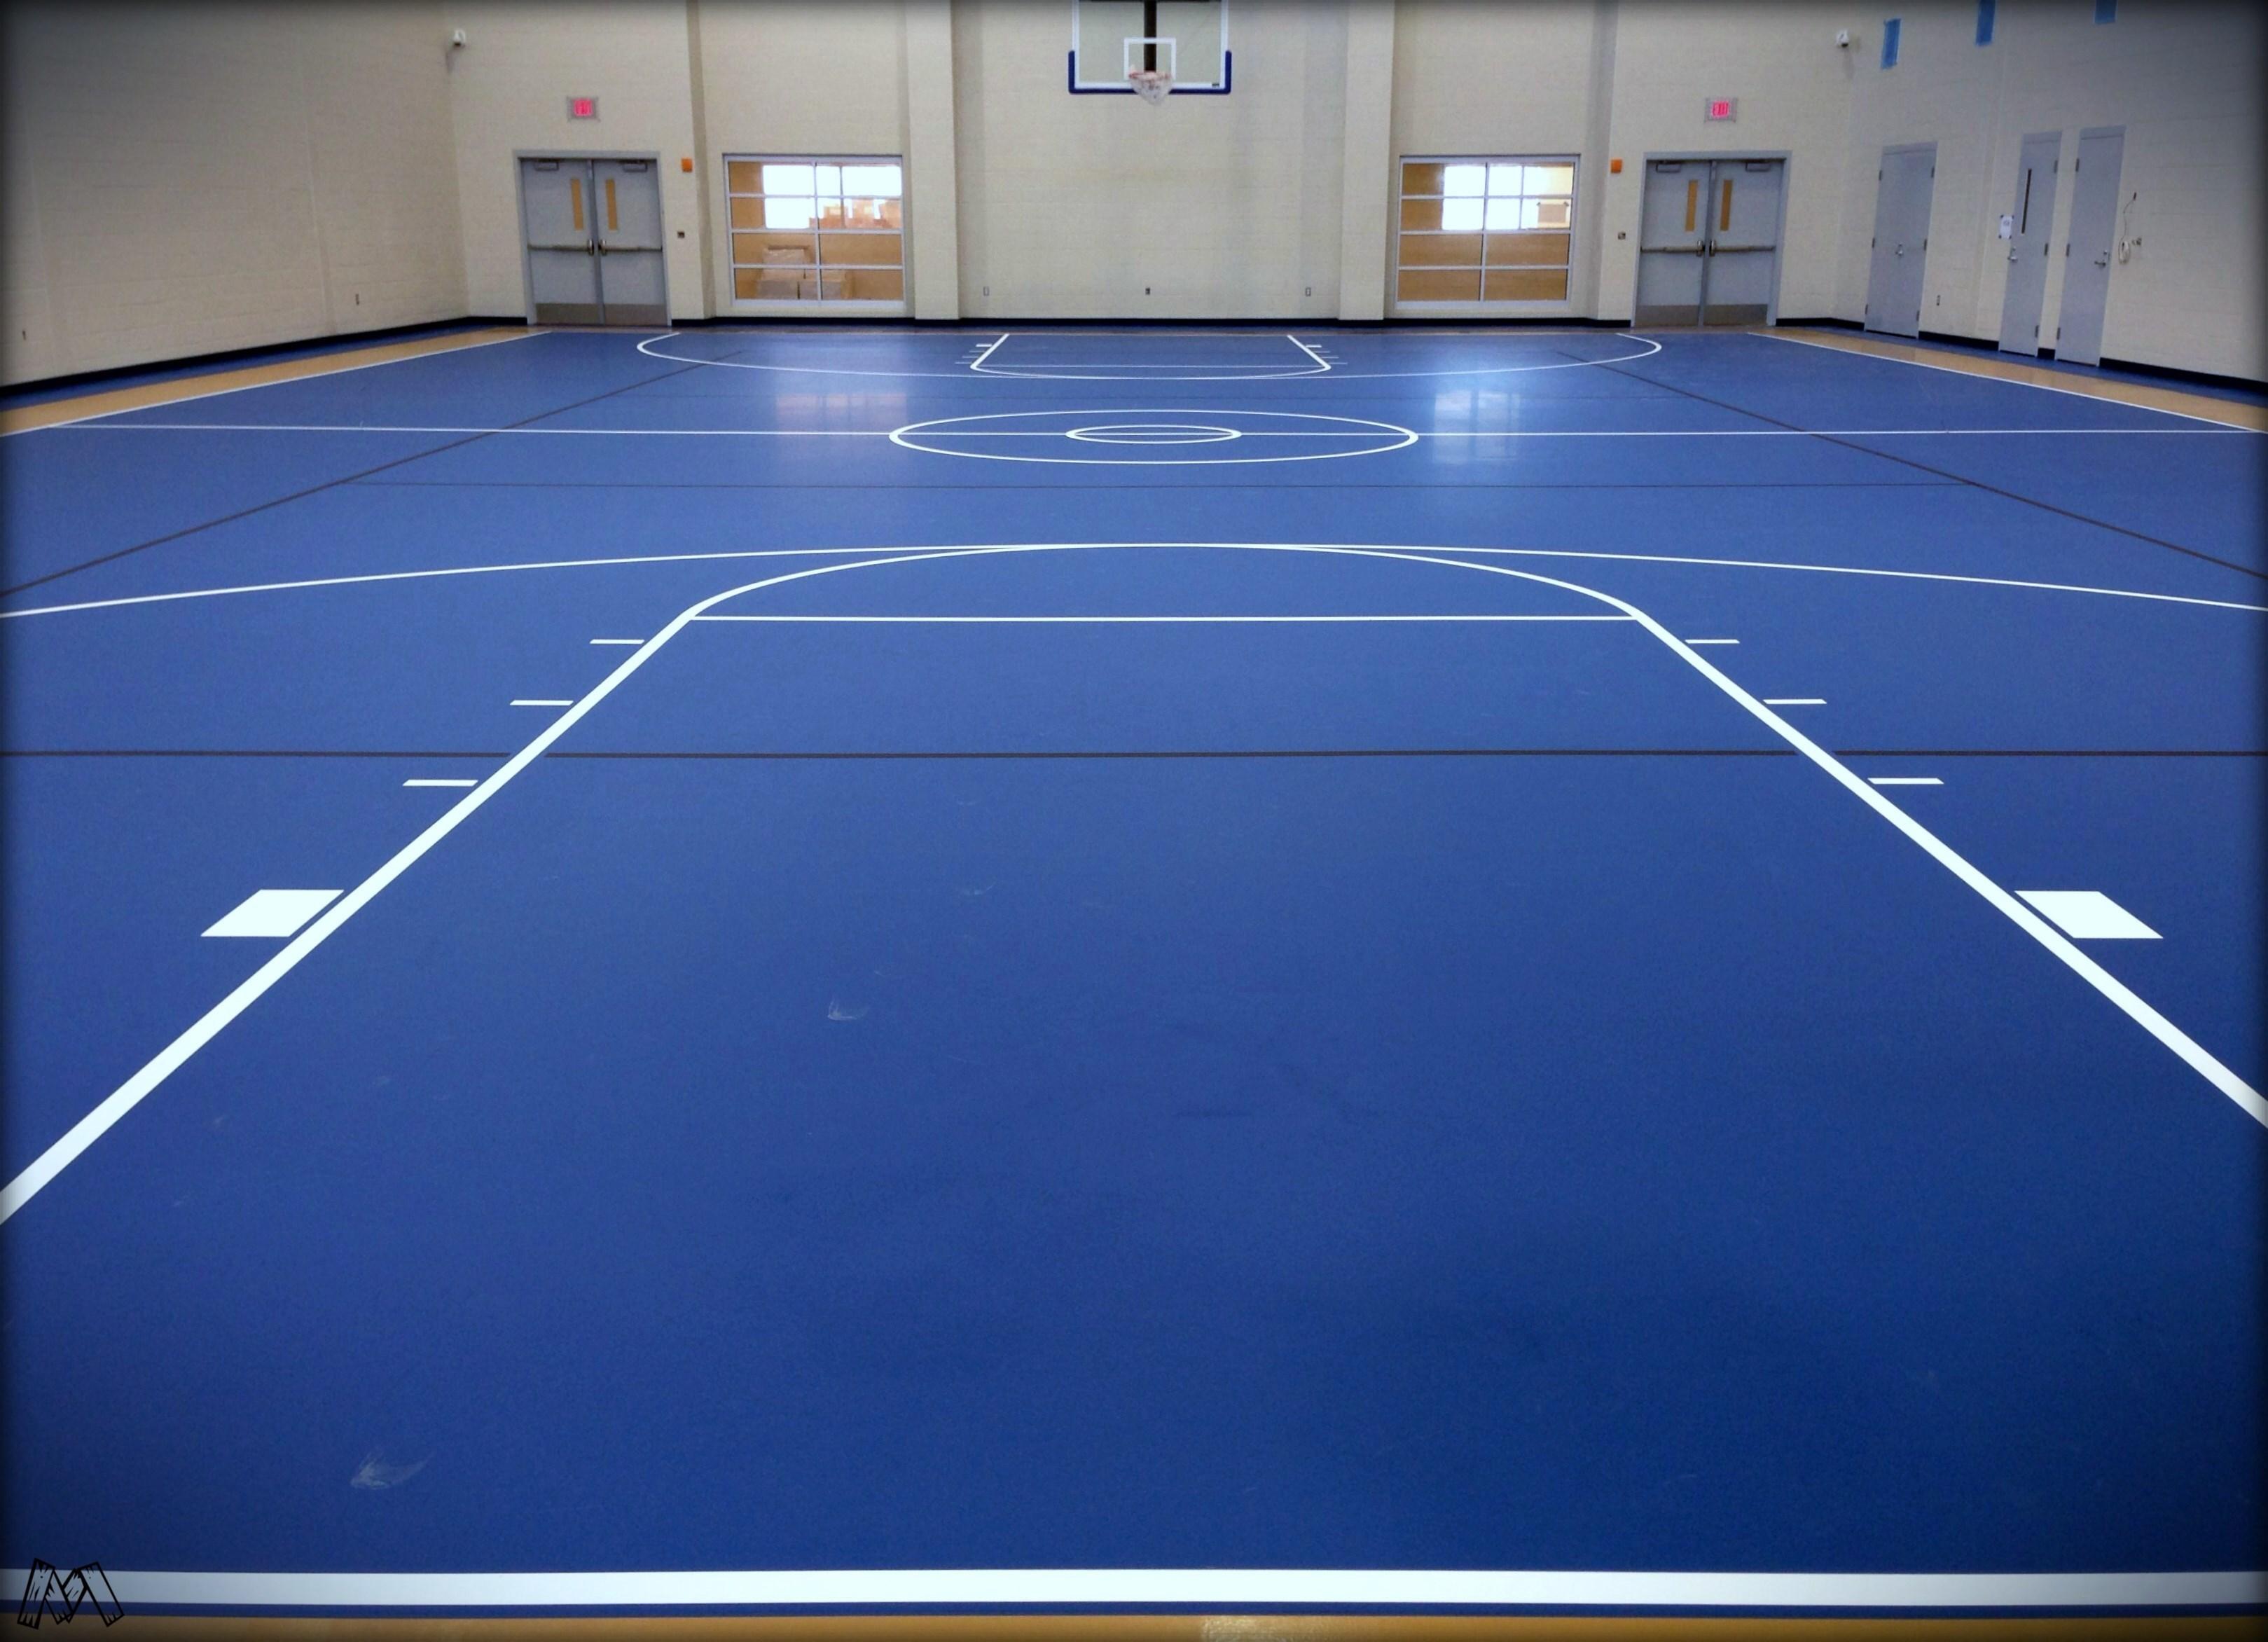 Mastercraft Sports Flooring Inc image 13